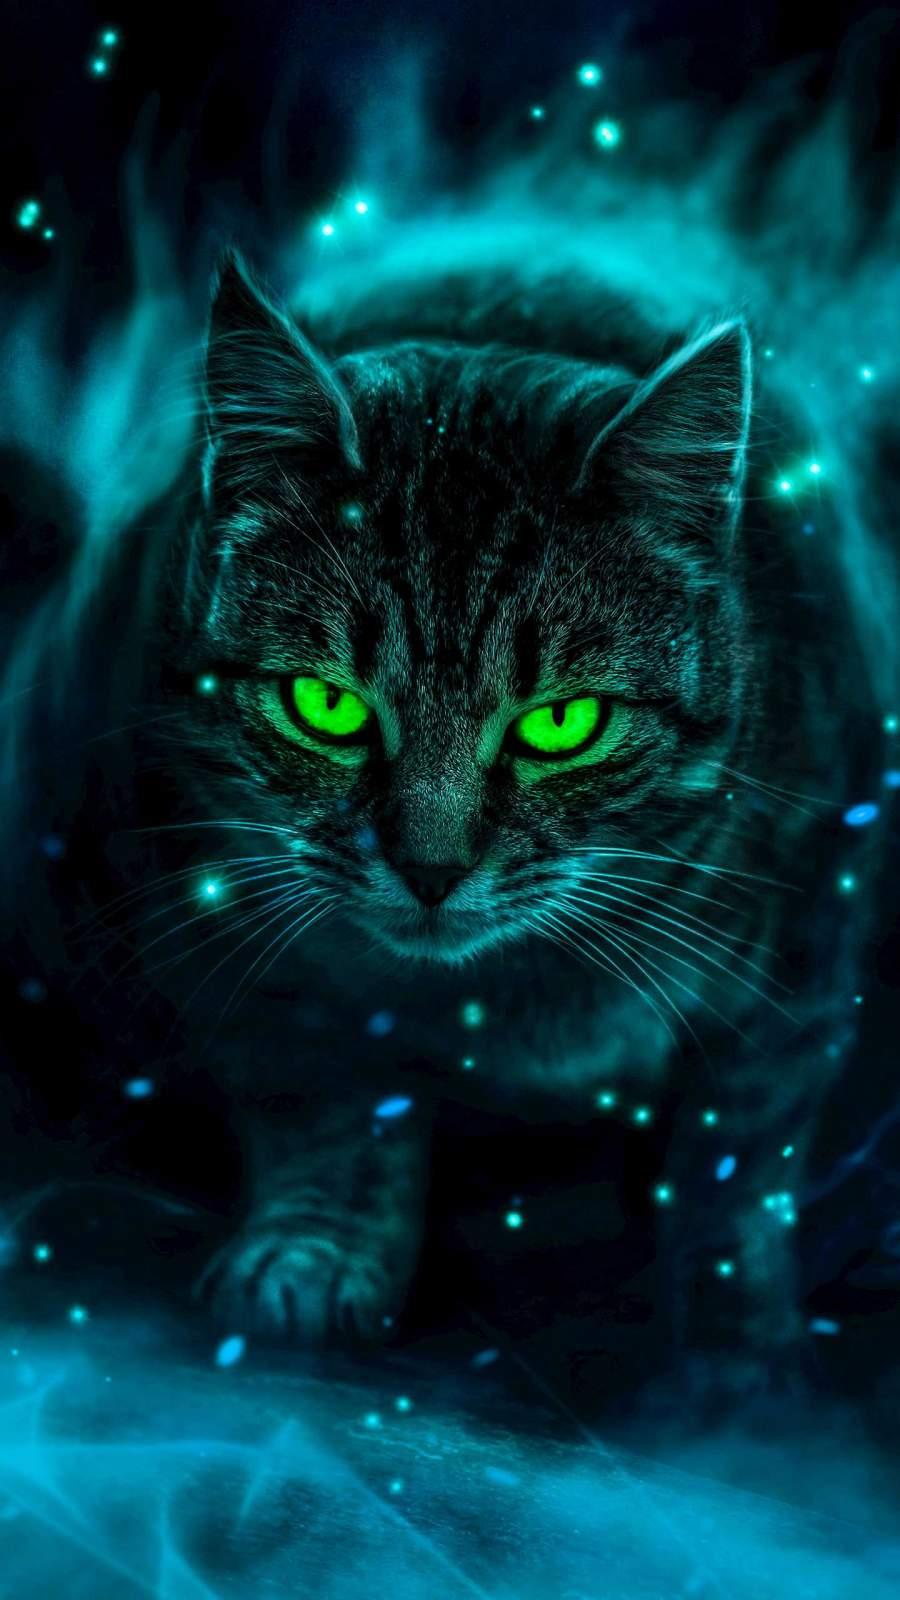 Mystic Cat iPhone Wallpaper